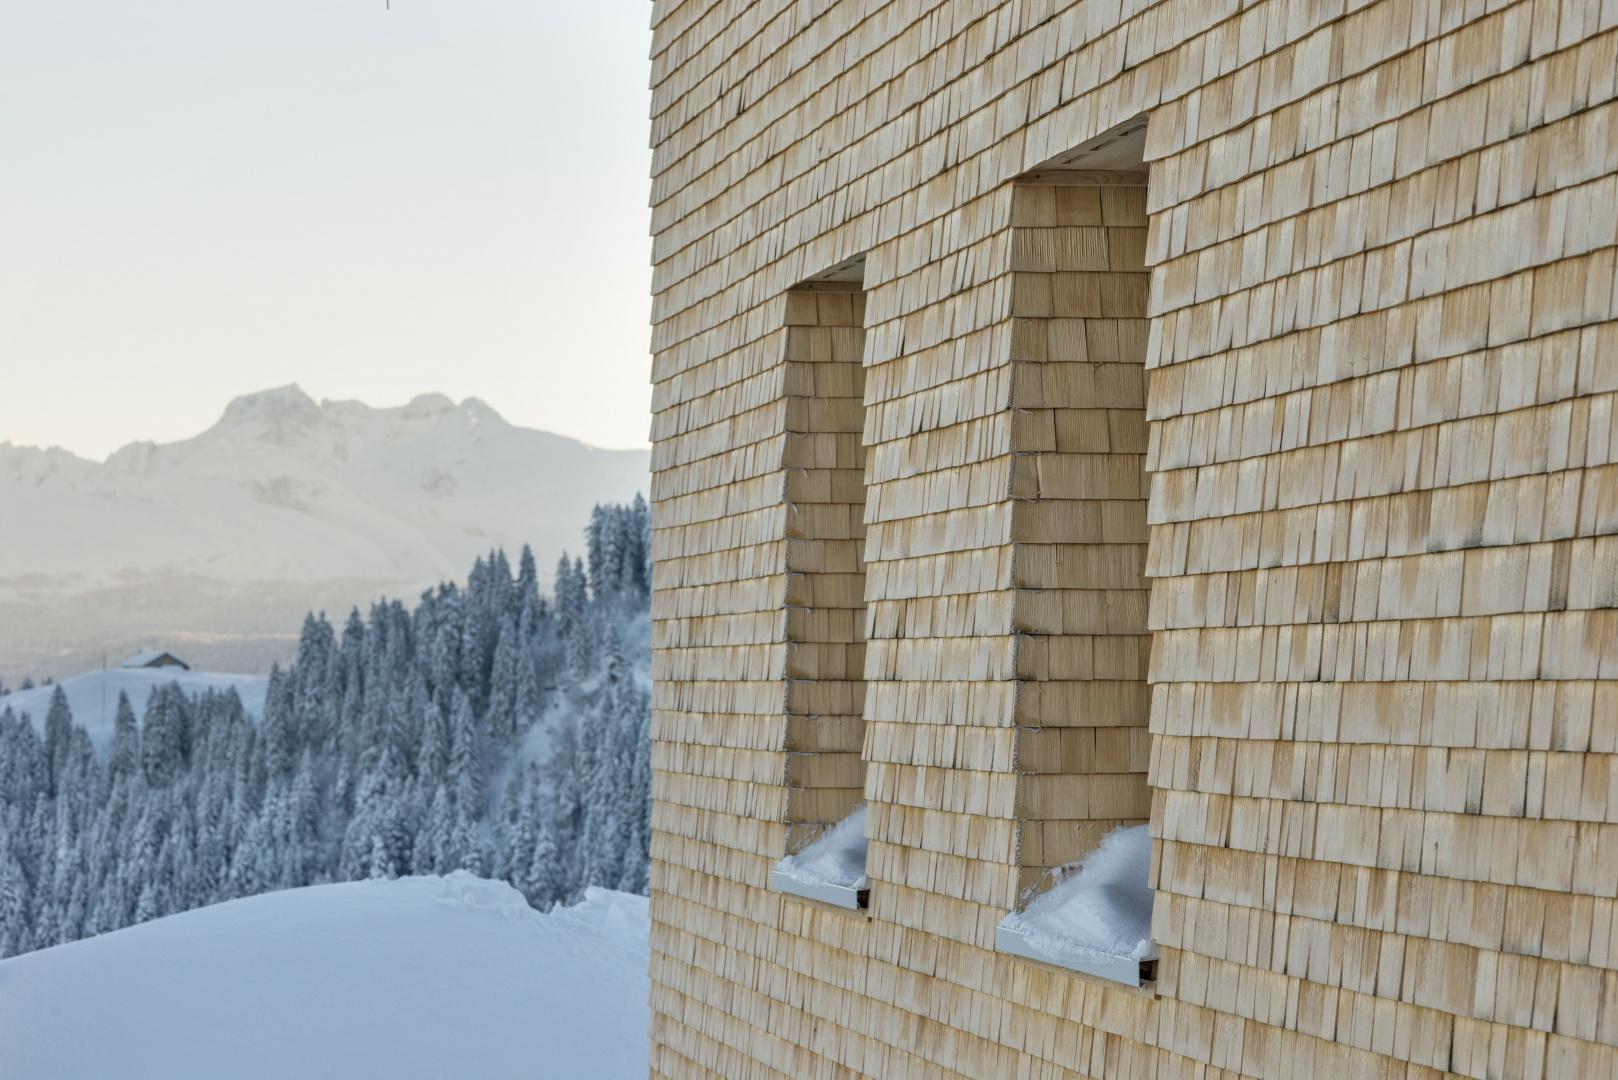 Schindelfassade © Zürrer Design, Schwyz